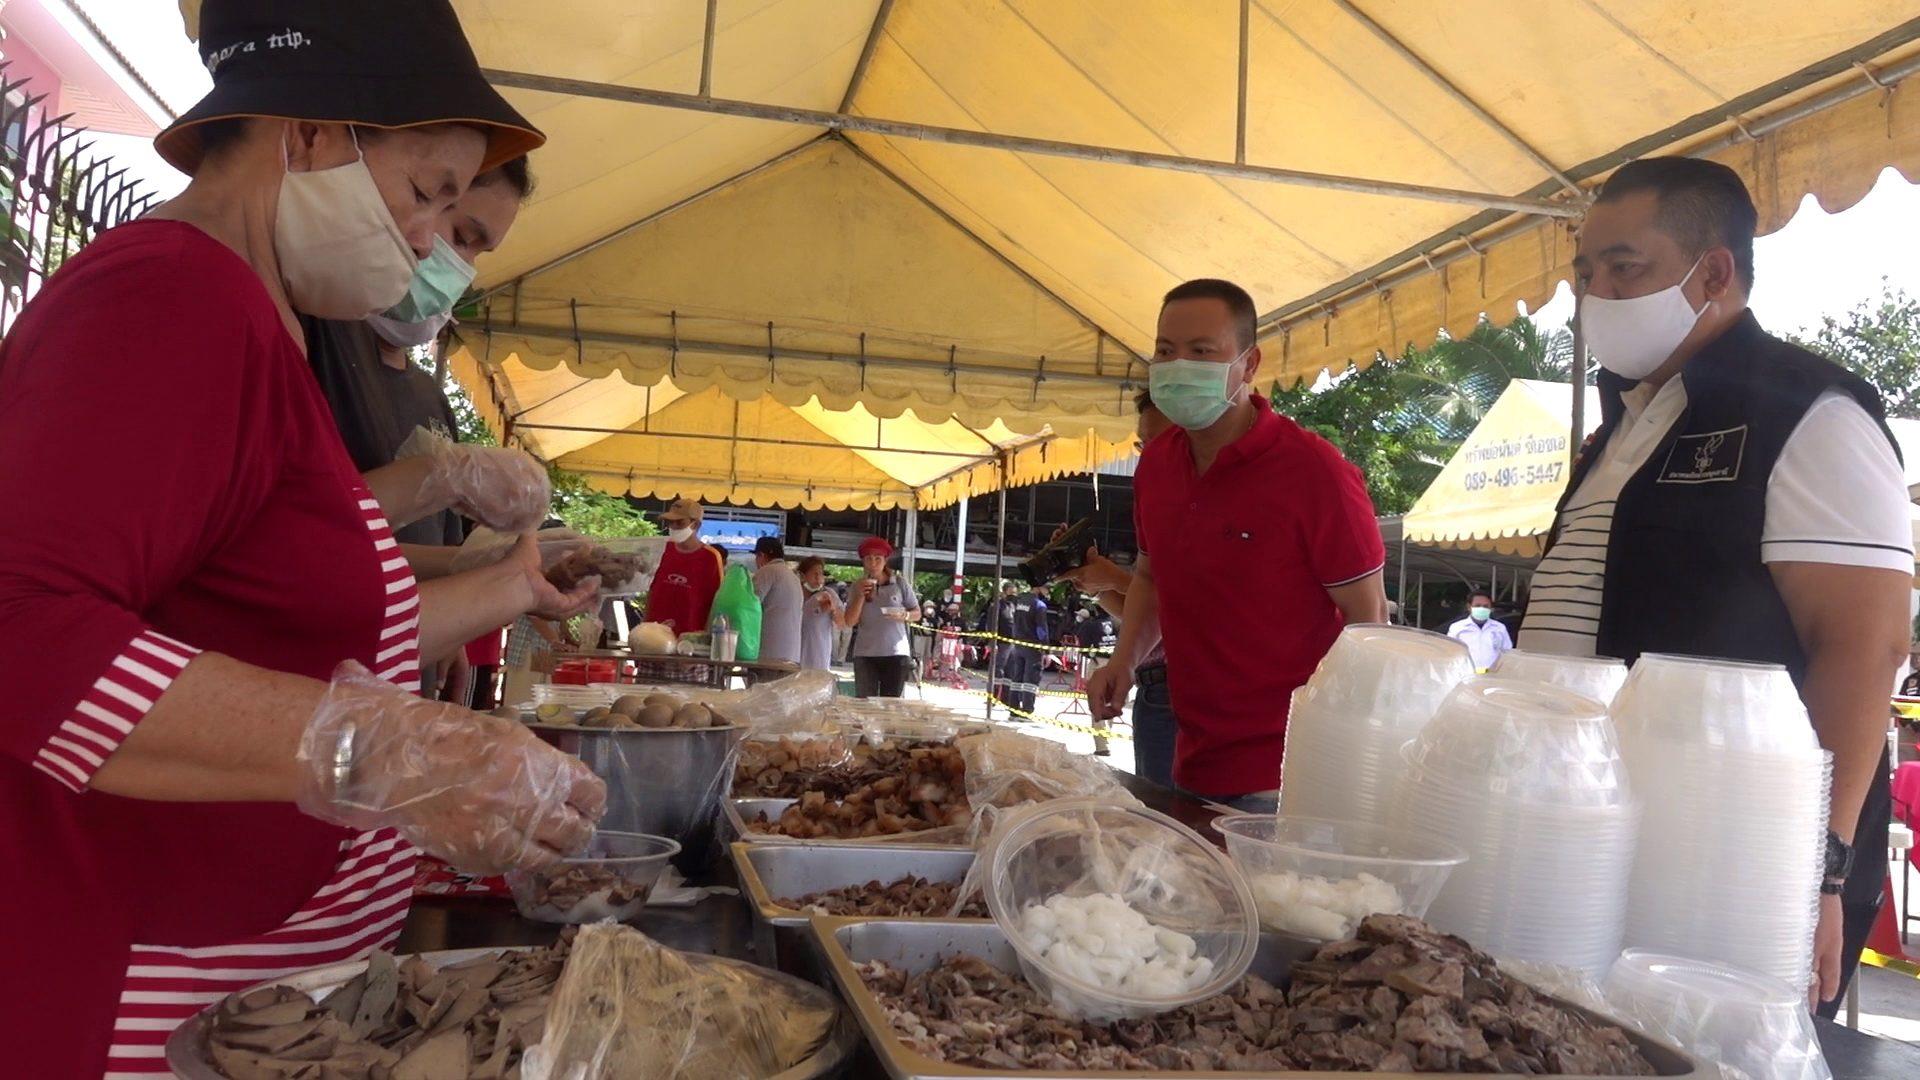 ตร.-สมาคมนักข่าวปทุมธานี มอบถุงยังชีพช่วยประชาชน ได้รับผลกระทบโควิด19